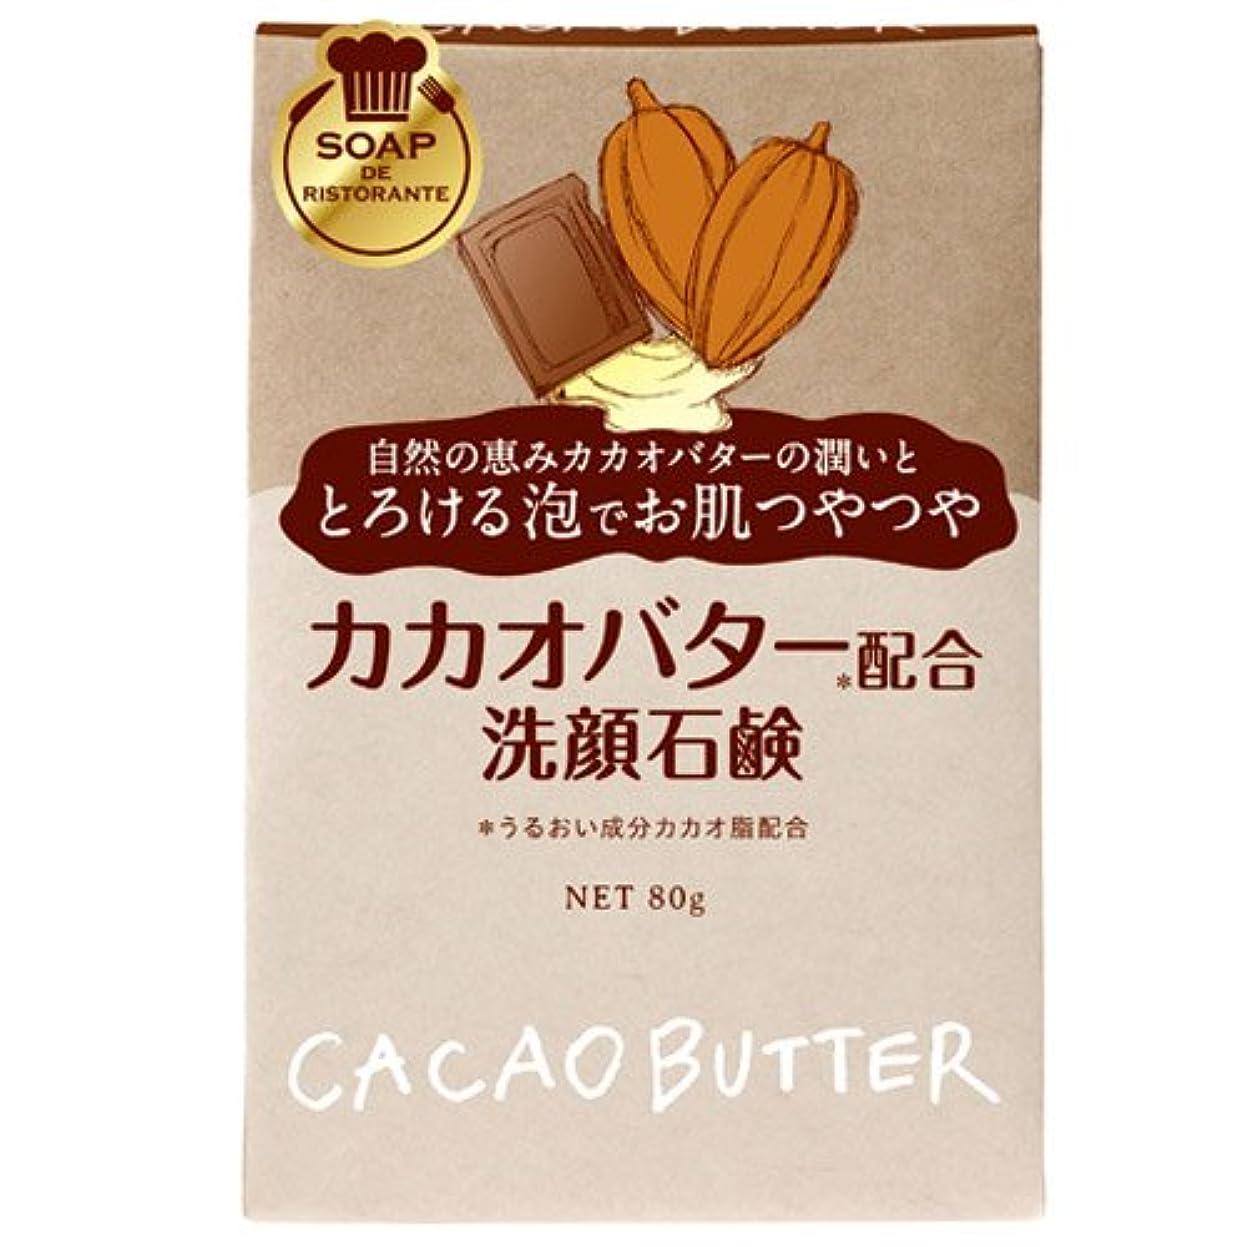 マルクス主義区別ギターマックス ソープ・ド・リストランテ カカオバター配合洗顔石鹸 80g